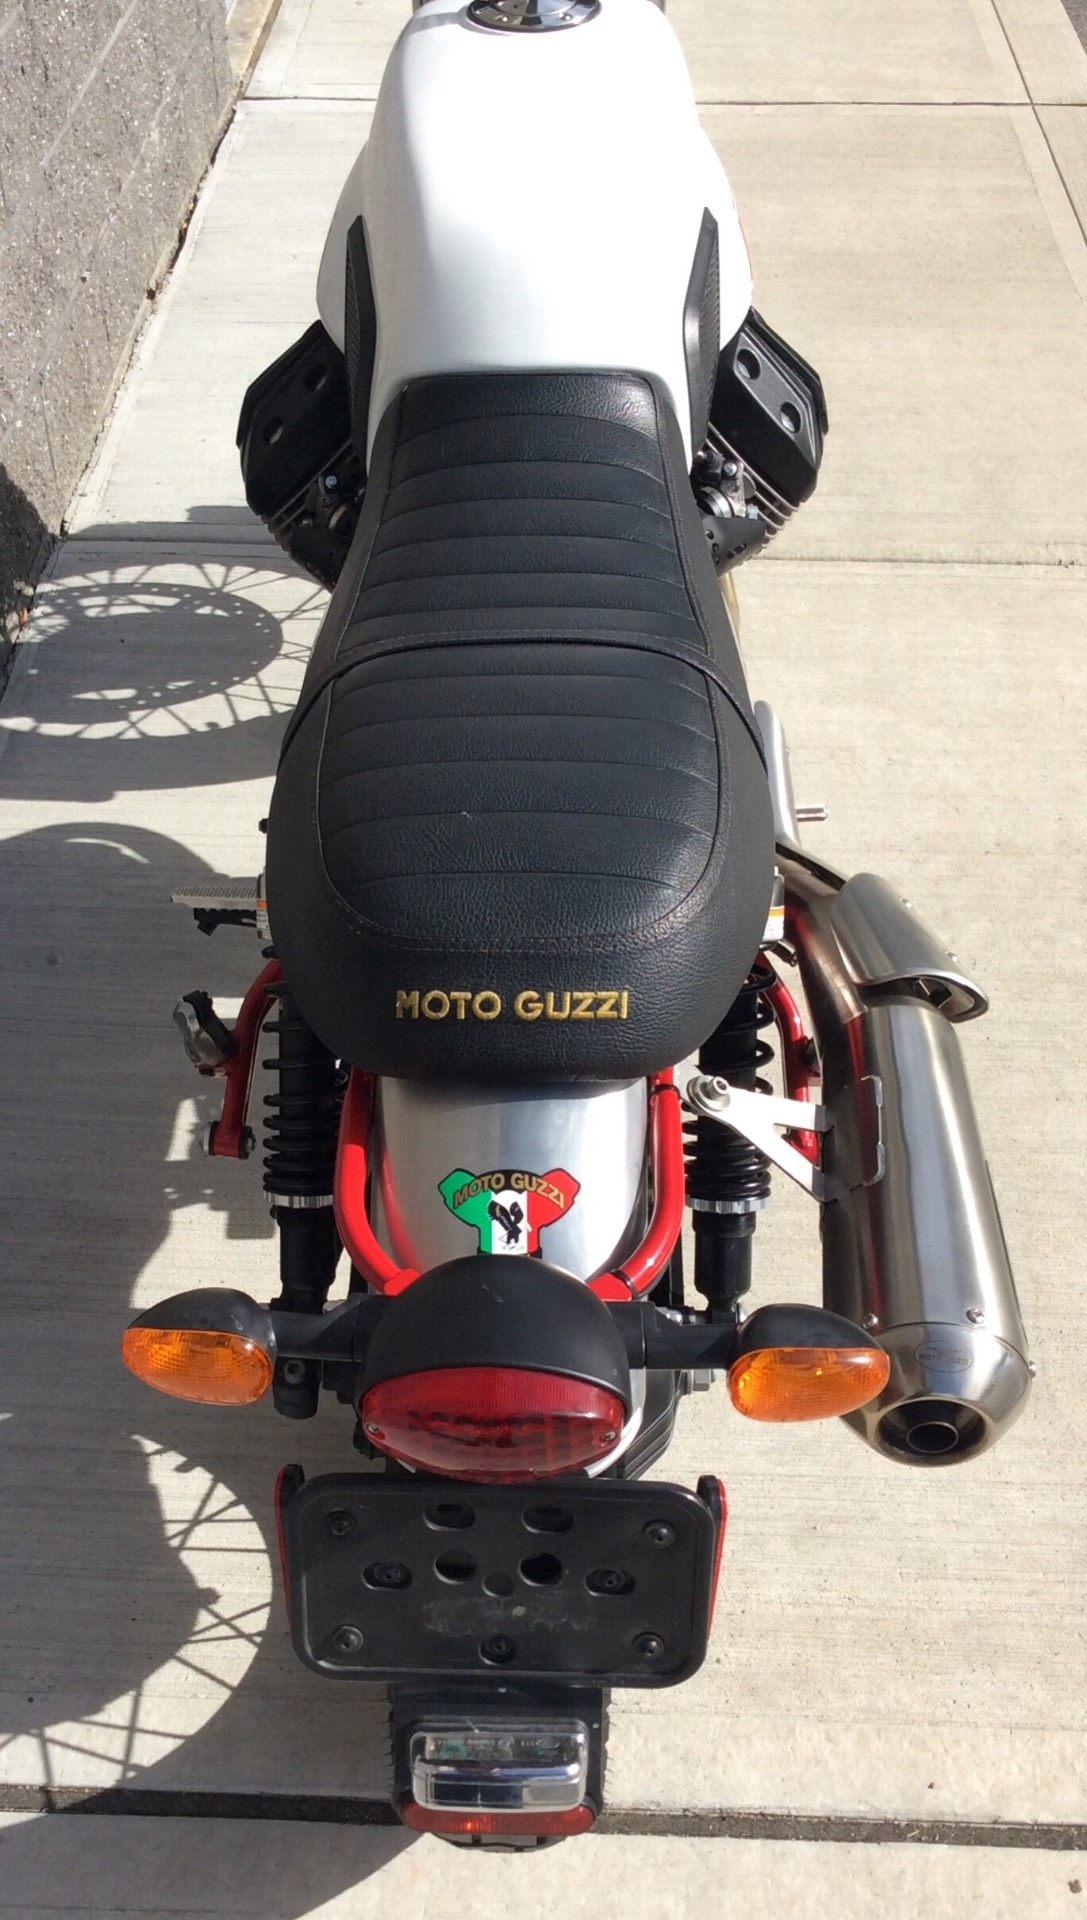 2016 Moto Guzzi V7 II Stornello 10